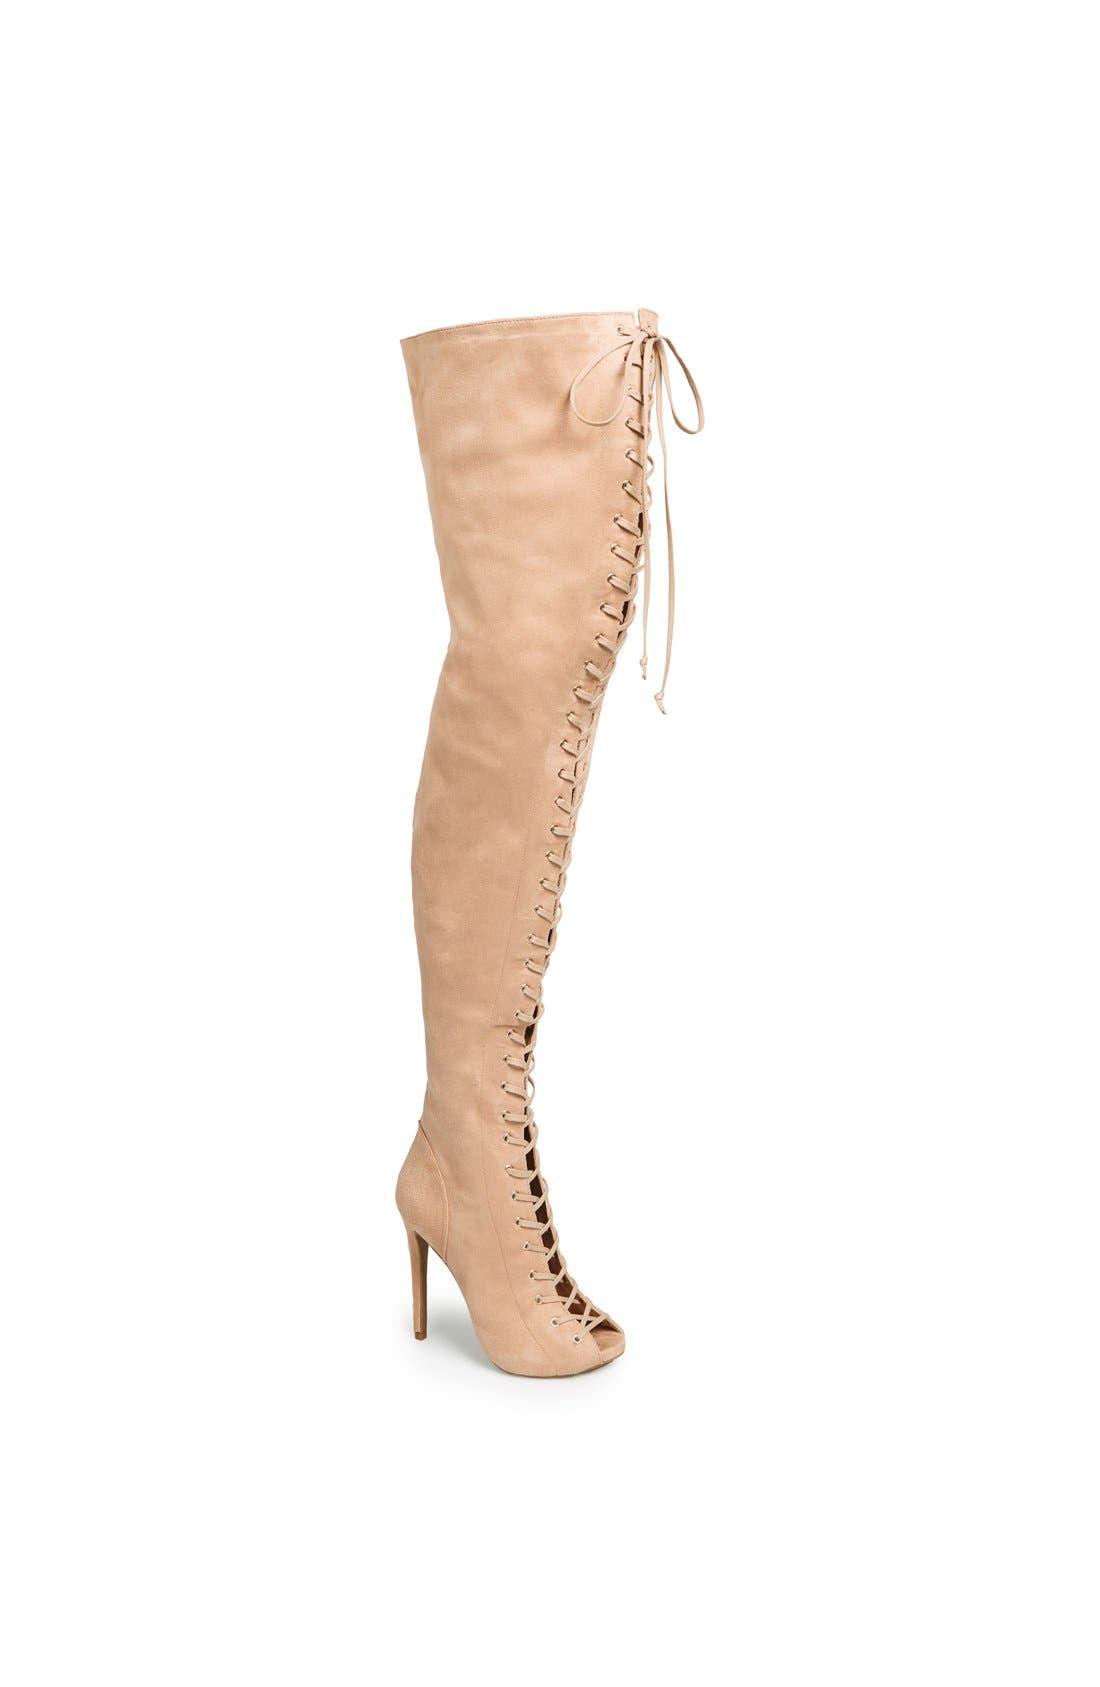 Main Image - ZiGi girl 'Piarry' Lace-Up Thigh-High Boot (Narrow Calf)